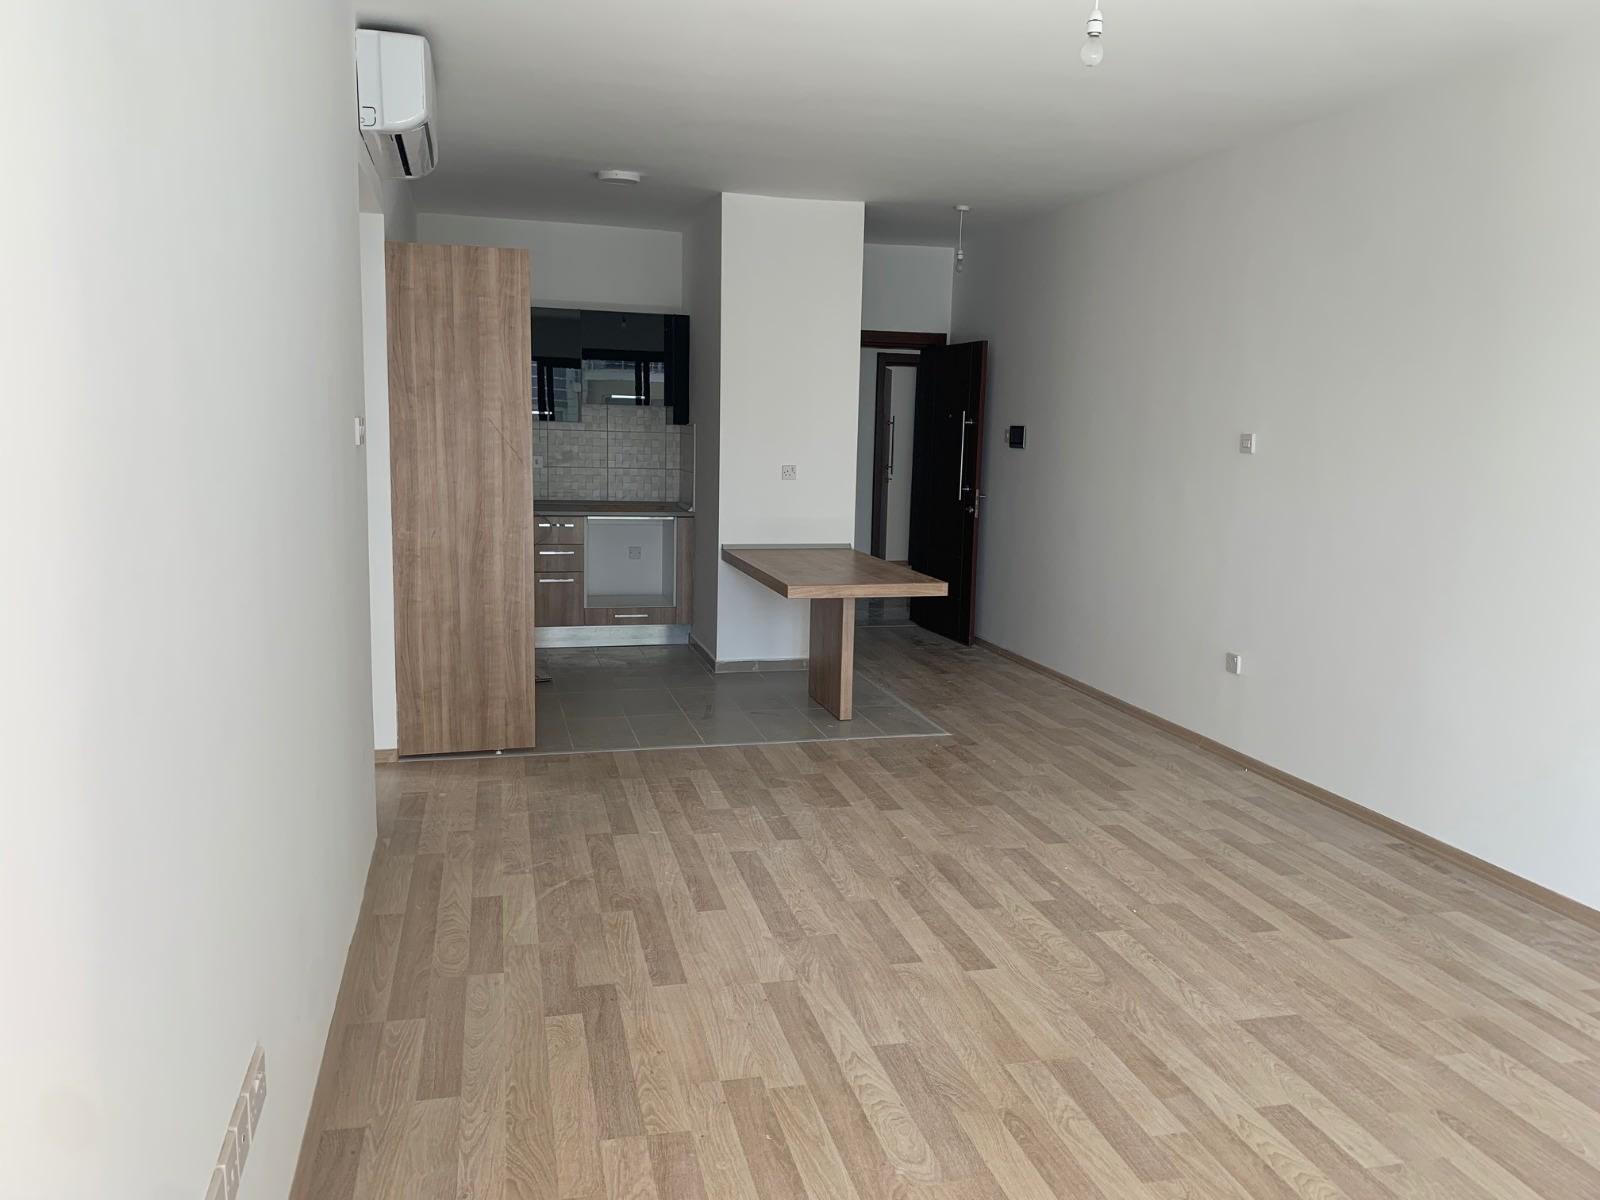 Nusmar yakını kiralık komple bina 2+1 eşyasız 13 daire 5200 STG / 0548 823 96 10 8946